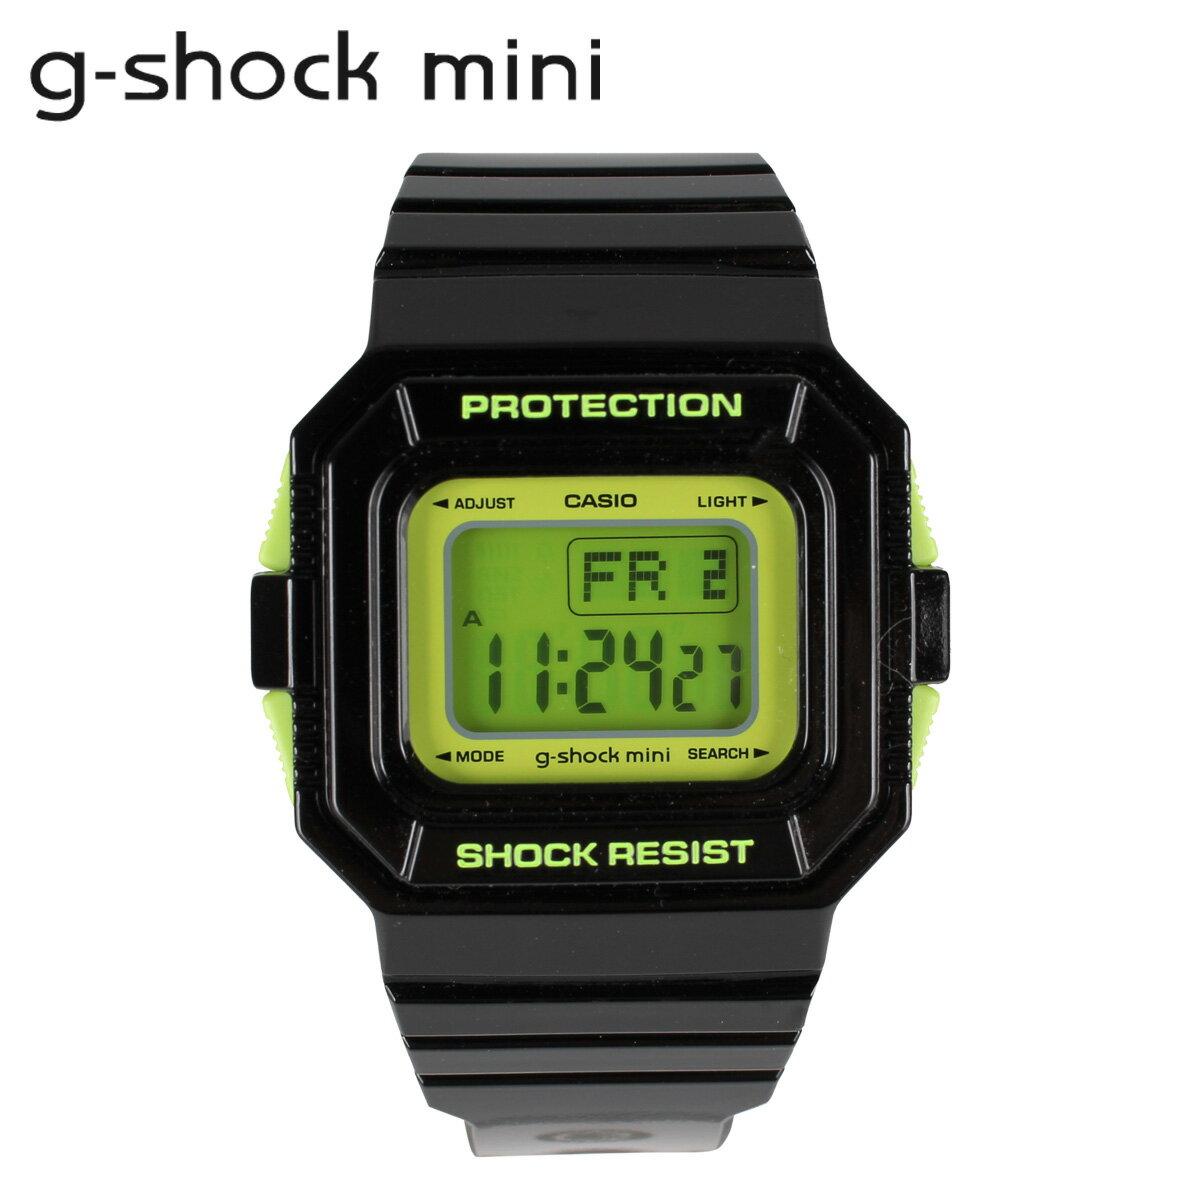 腕時計, レディース腕時計 CASIO g-shock mini GMN-550-1CJR G G-